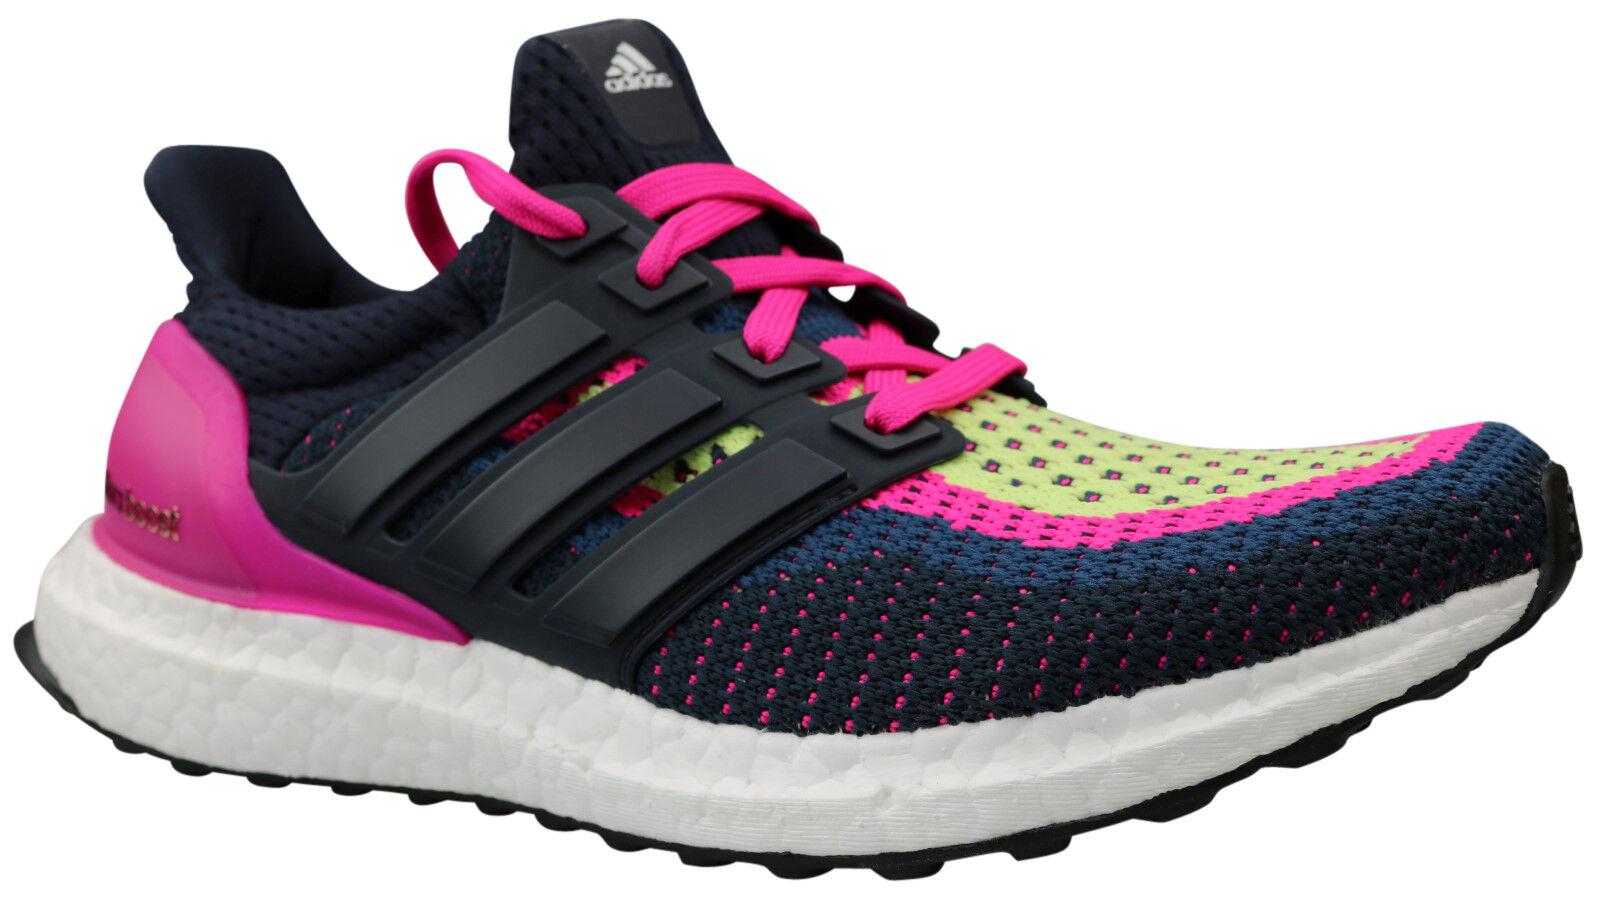 best website bbeb3 e67b2 real adidas ultra boost femmes running de sneaker chaussures de running  course af5143 taille 36 40